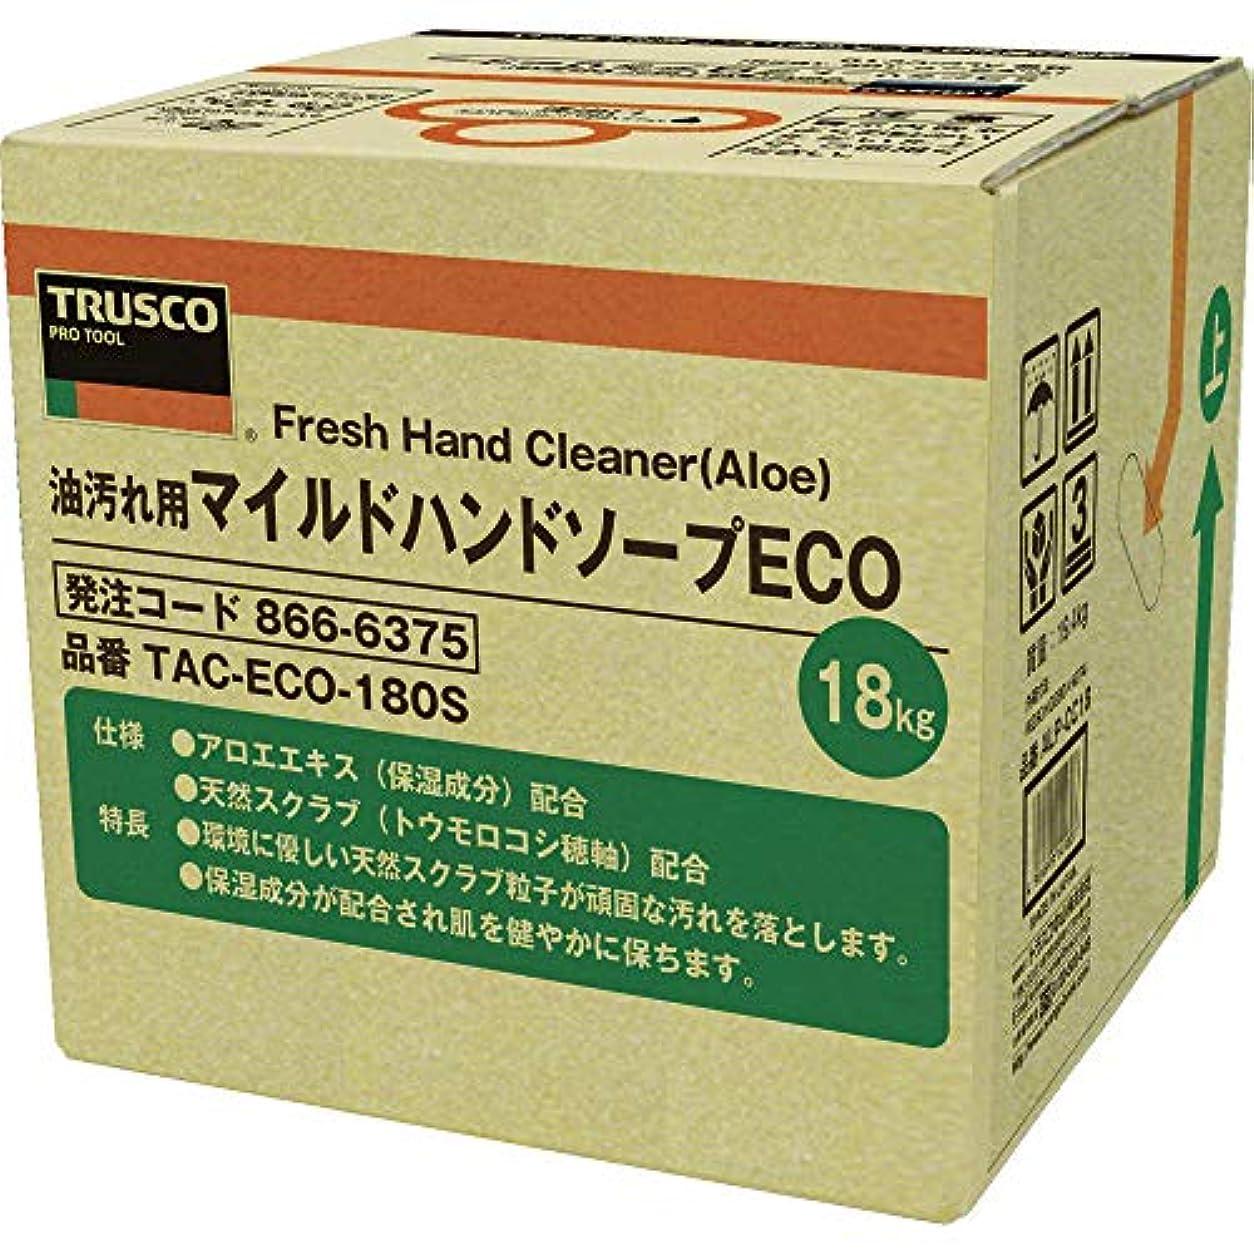 推定するアウトドア給料TRUSCO(トラスコ) マイルドハンドソープ ECO 18L 詰替 バッグインボックス TACECO180S